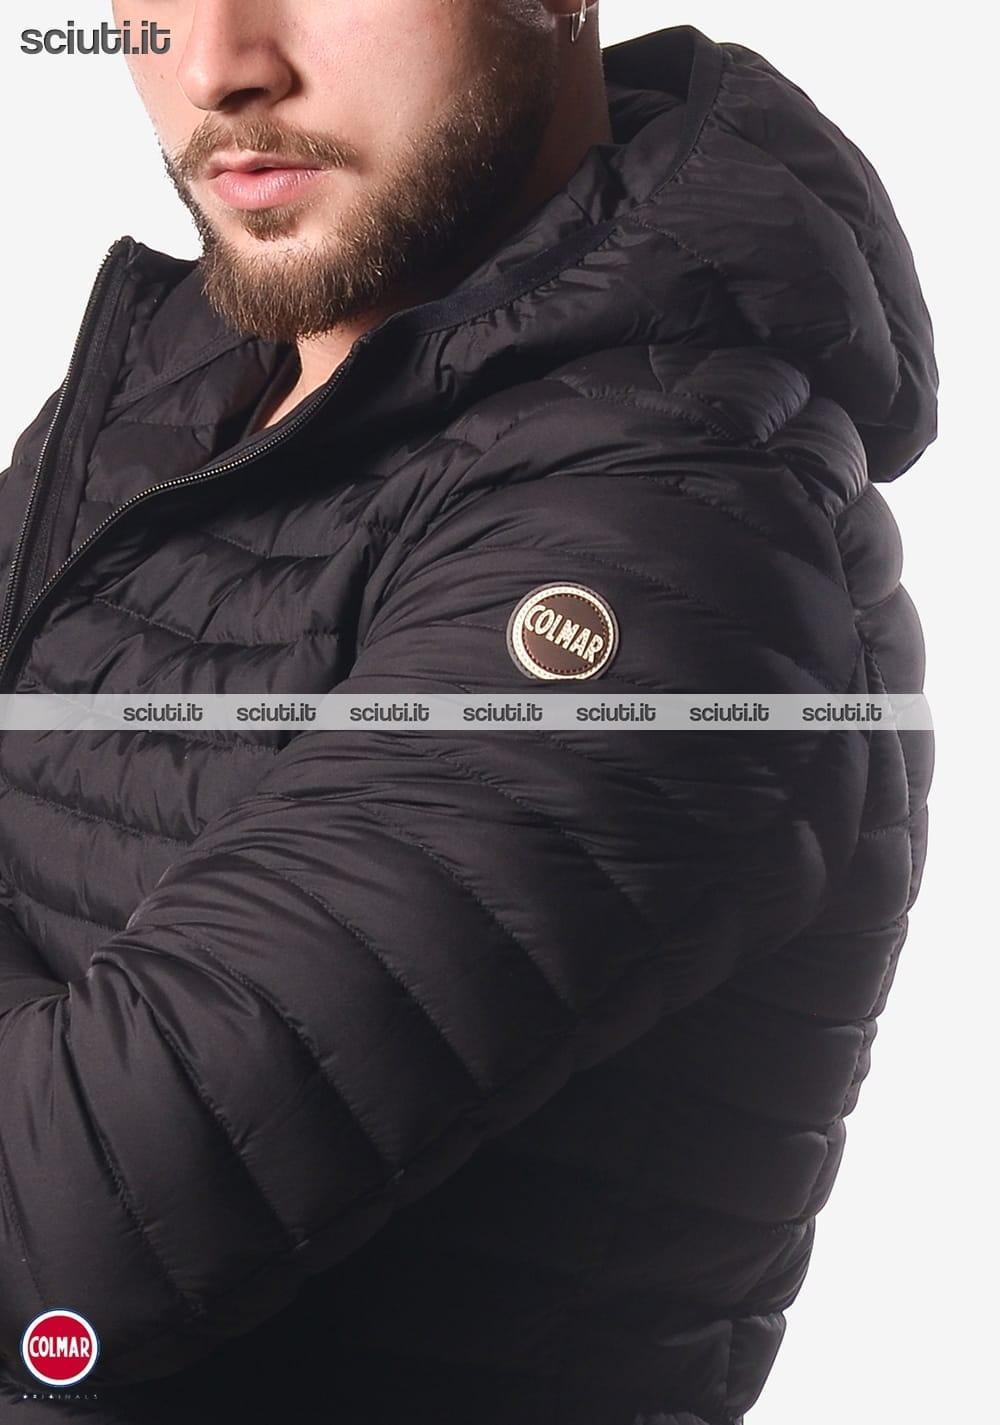 Piumino Colmar uomo elasticizzato con cappuccio nero | Sciuti.it